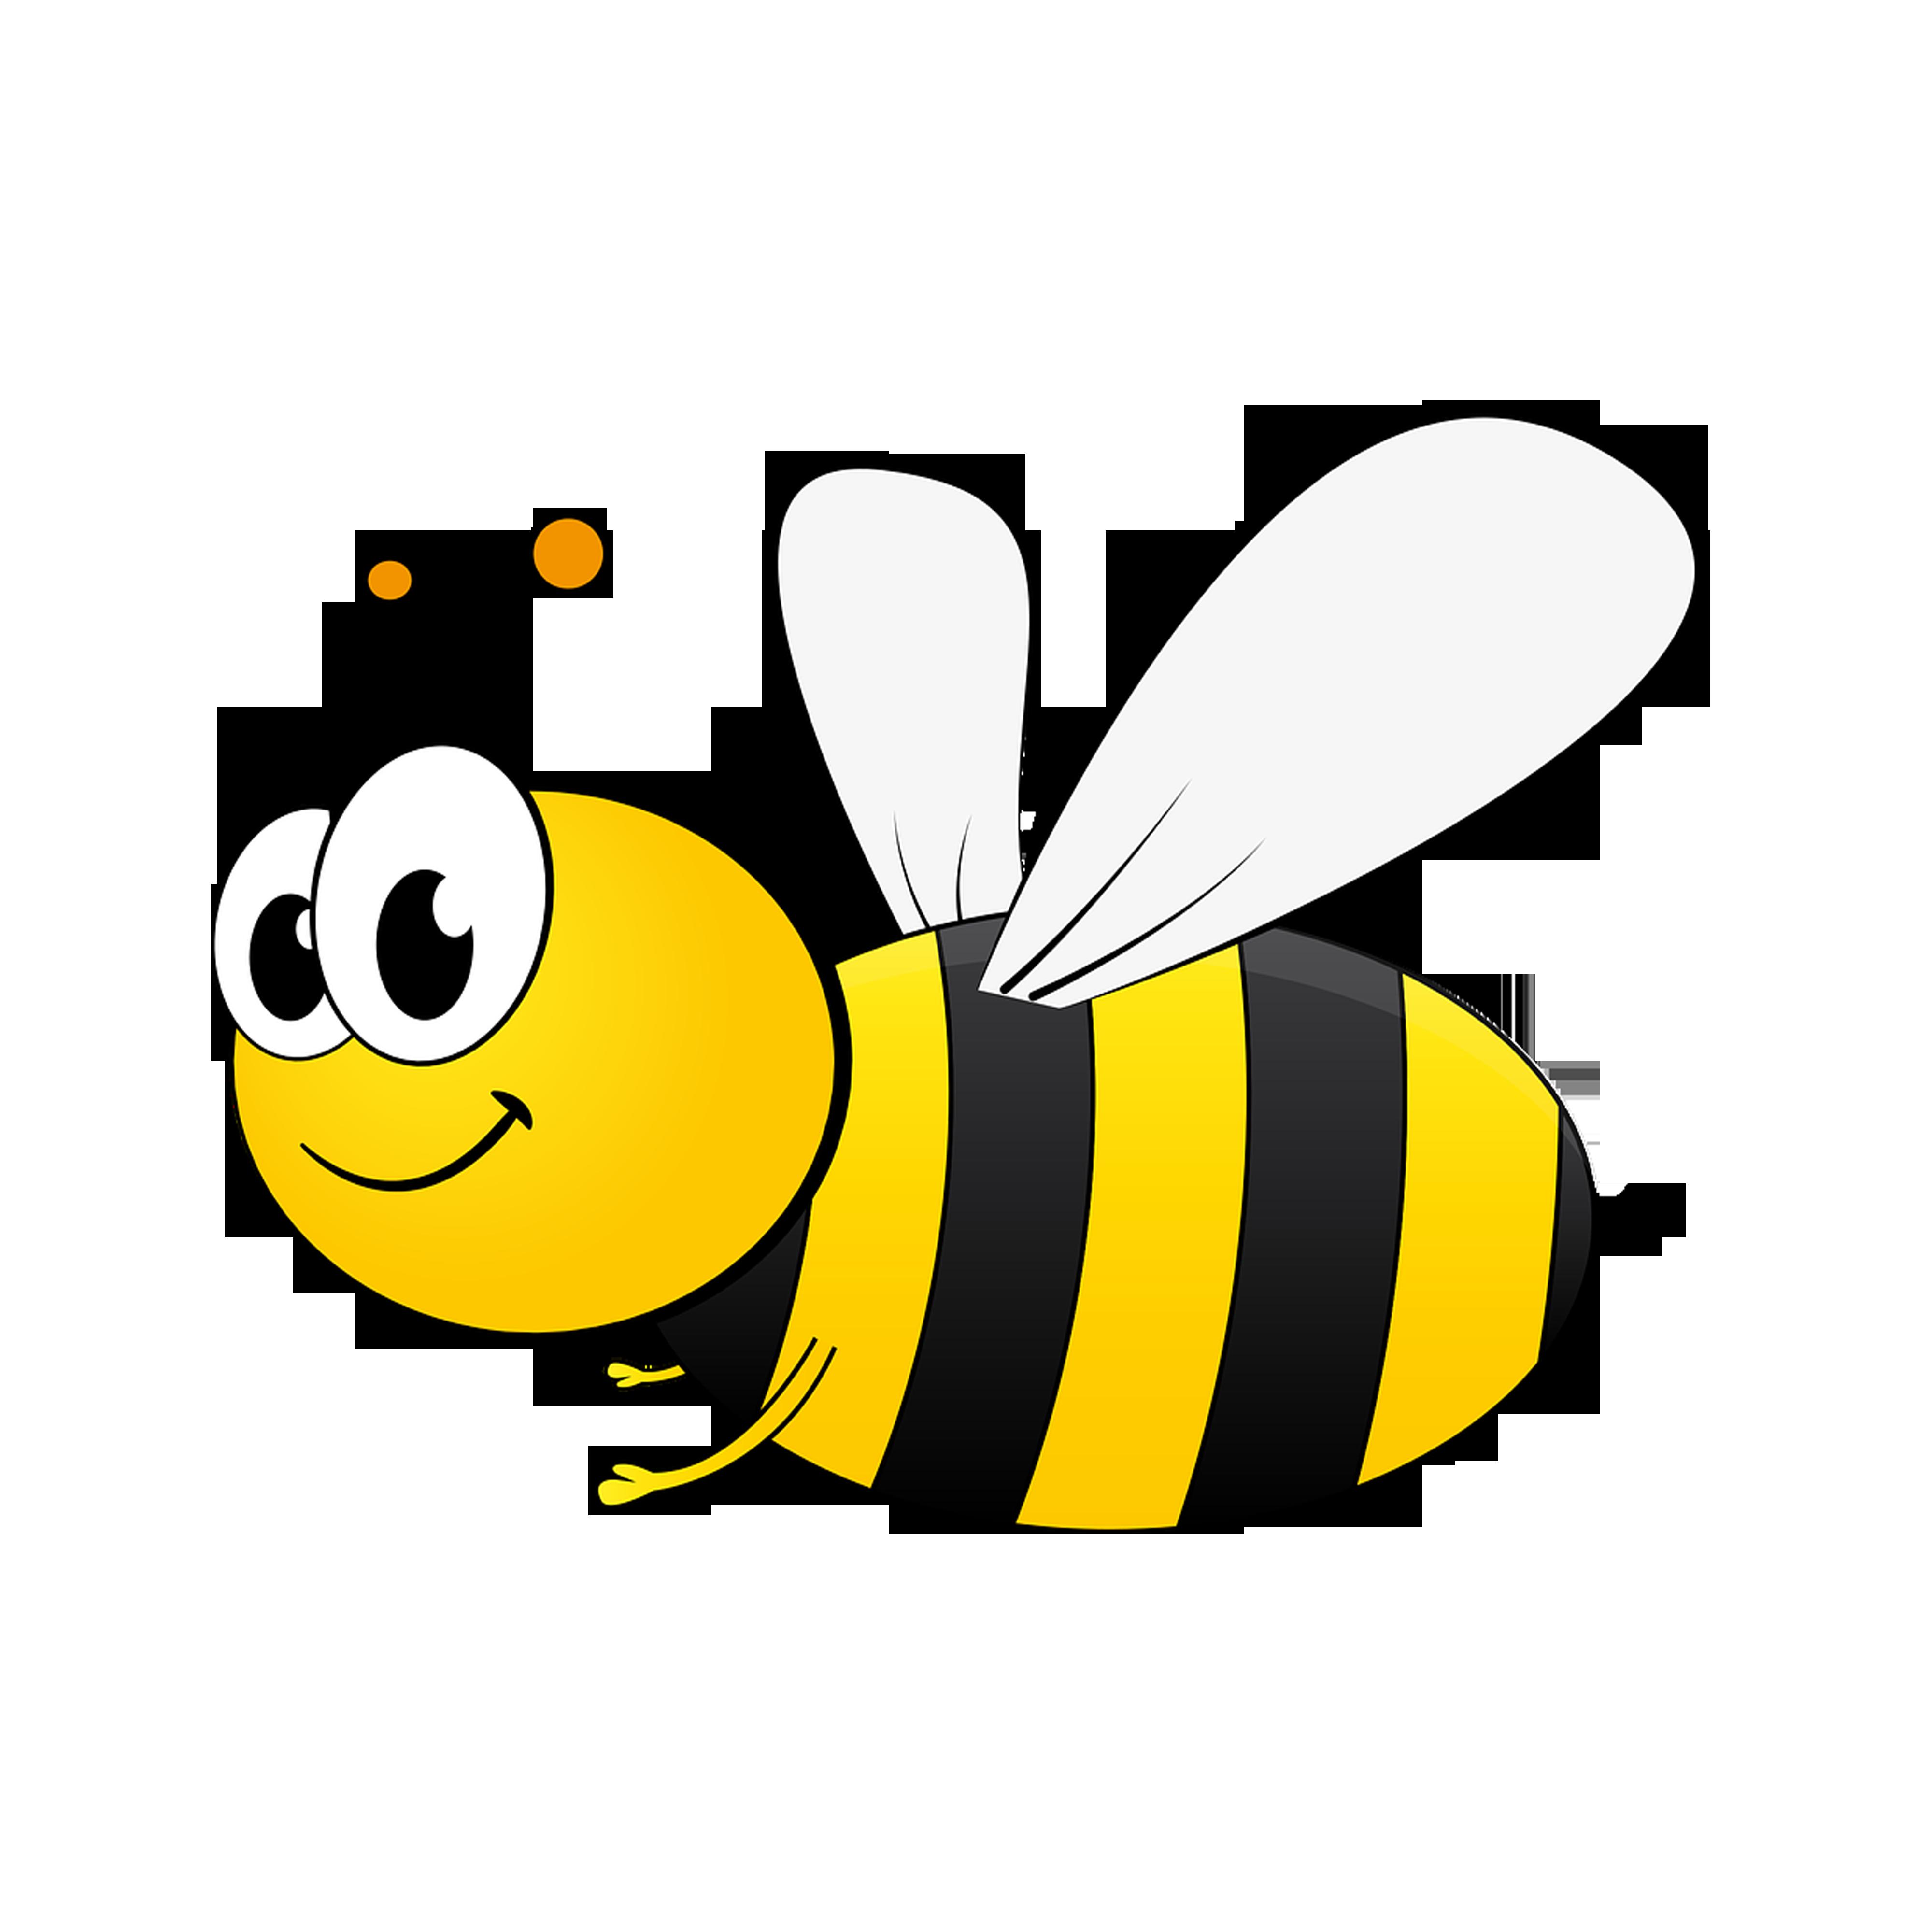 Bee clipart honey bee. Clip art png download